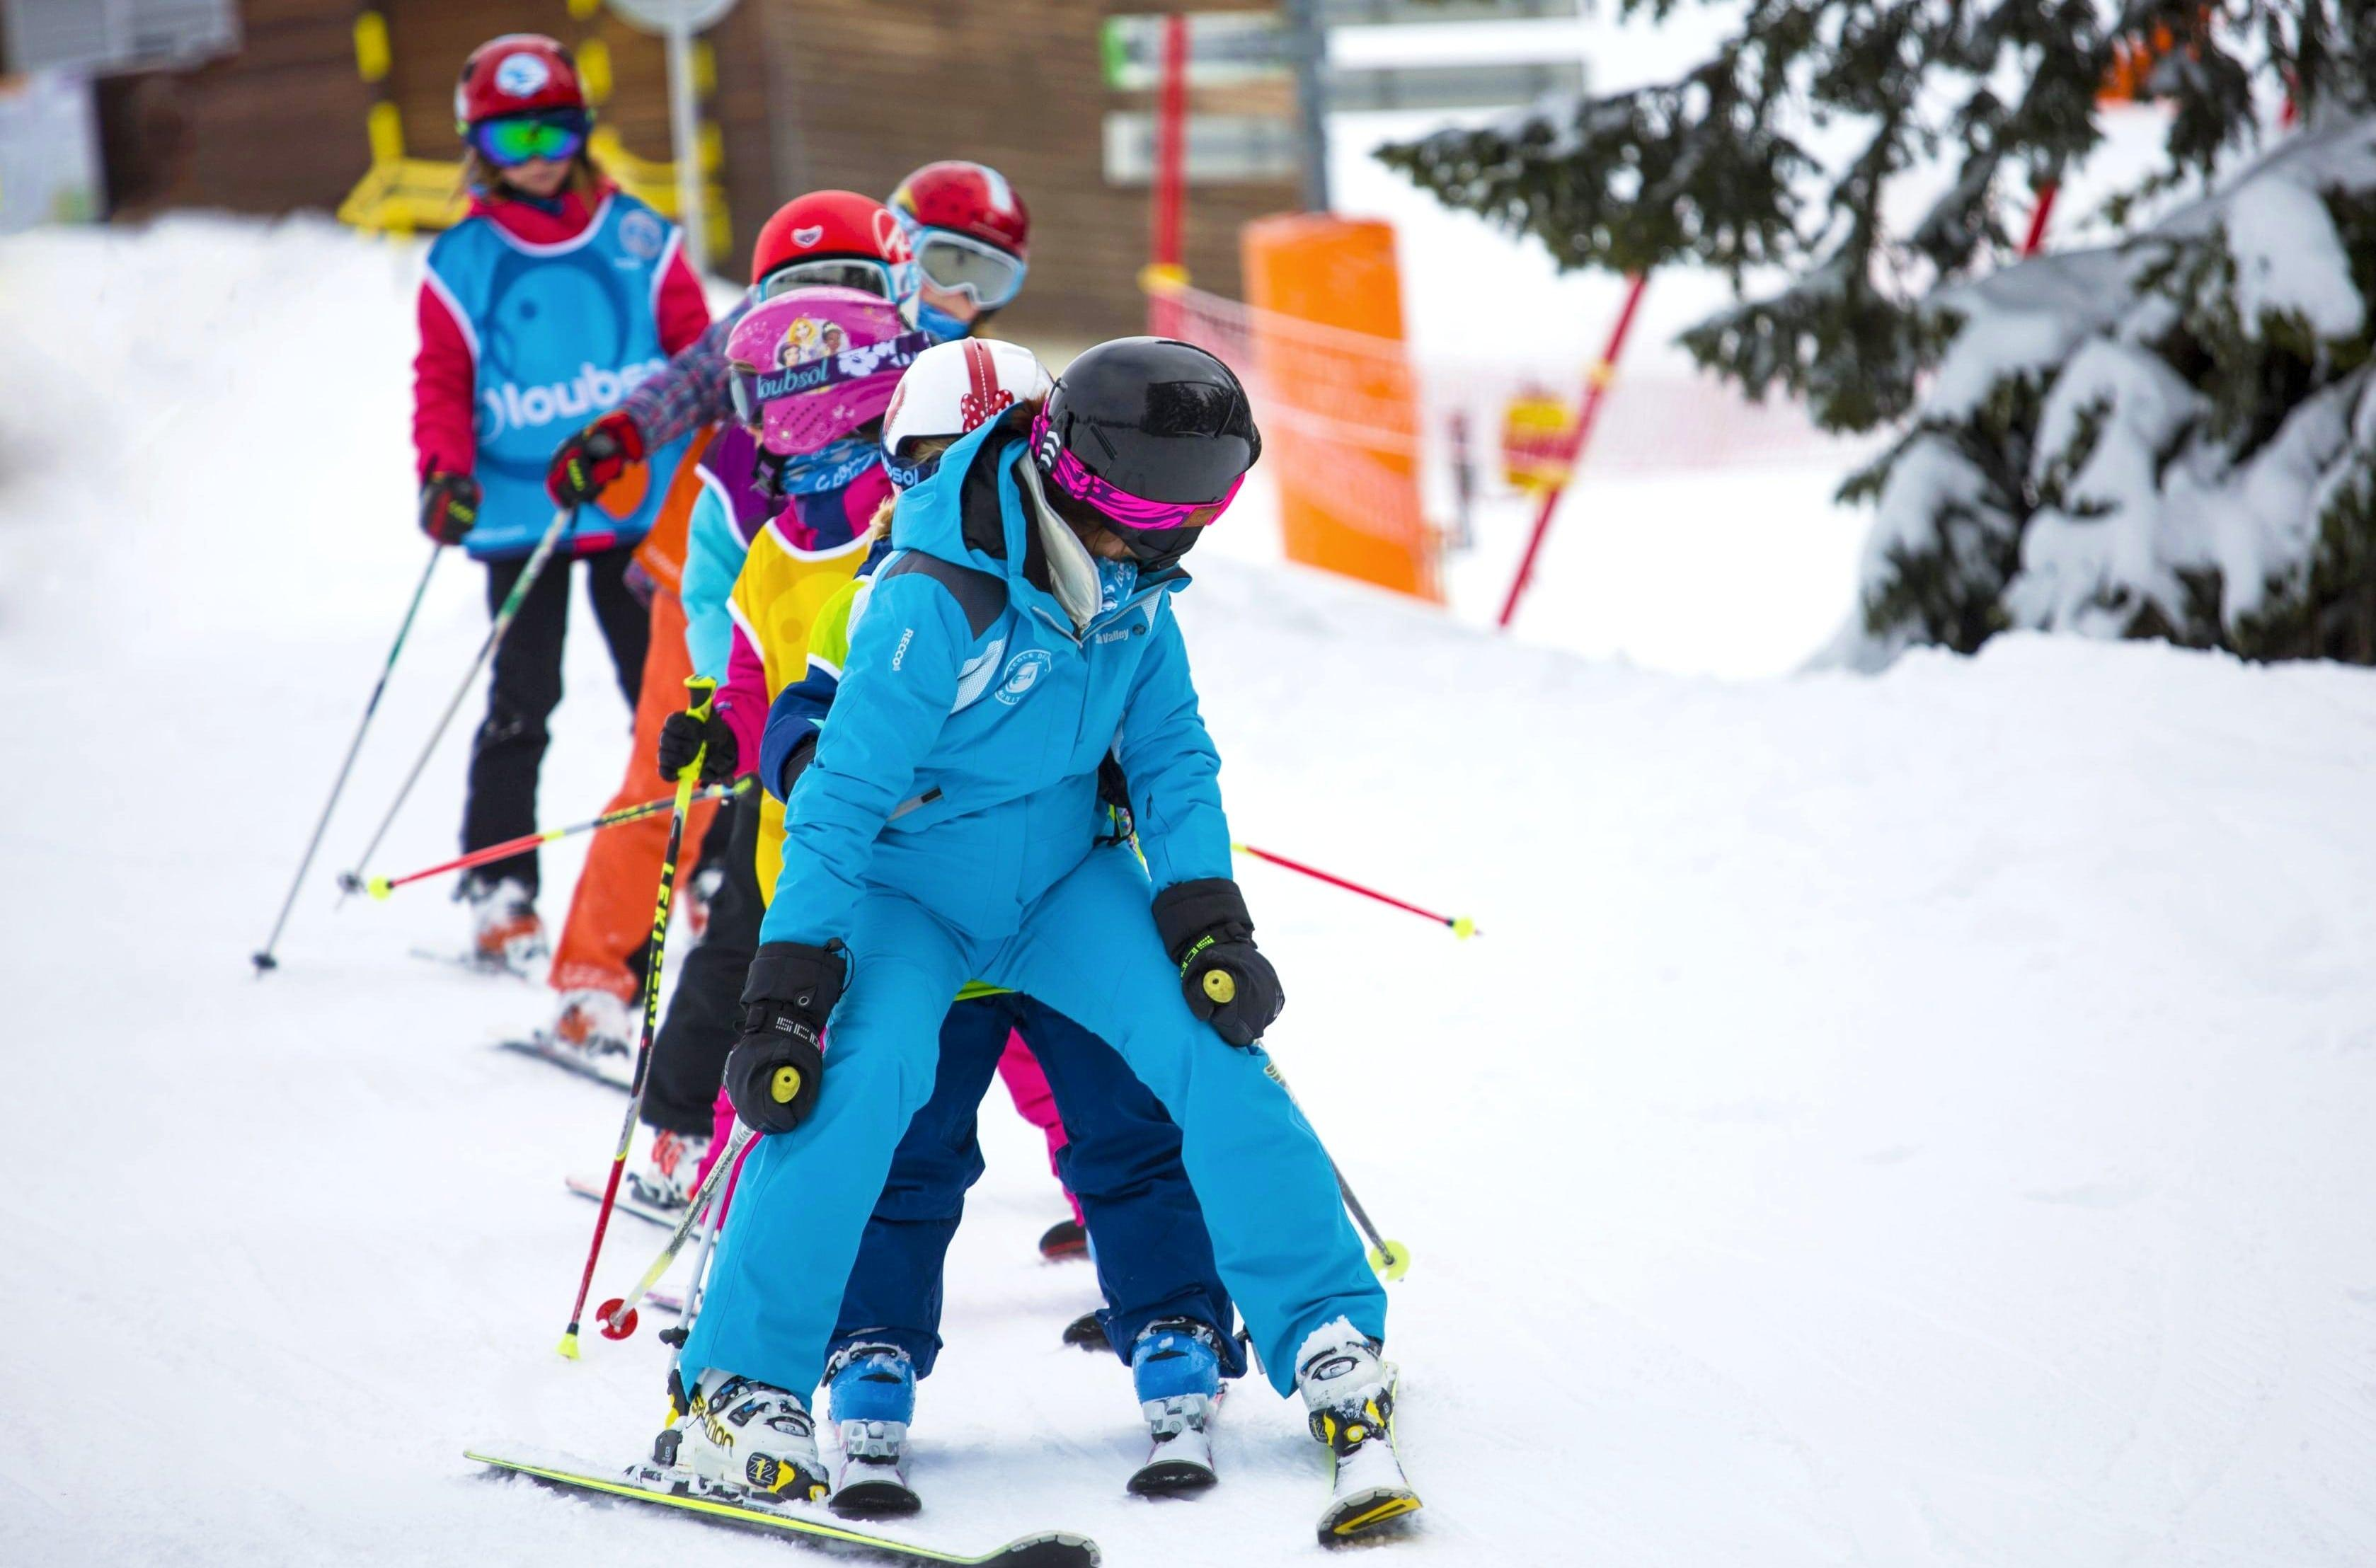 Cours de ski Enfants (4-13 ans) - Basse saison